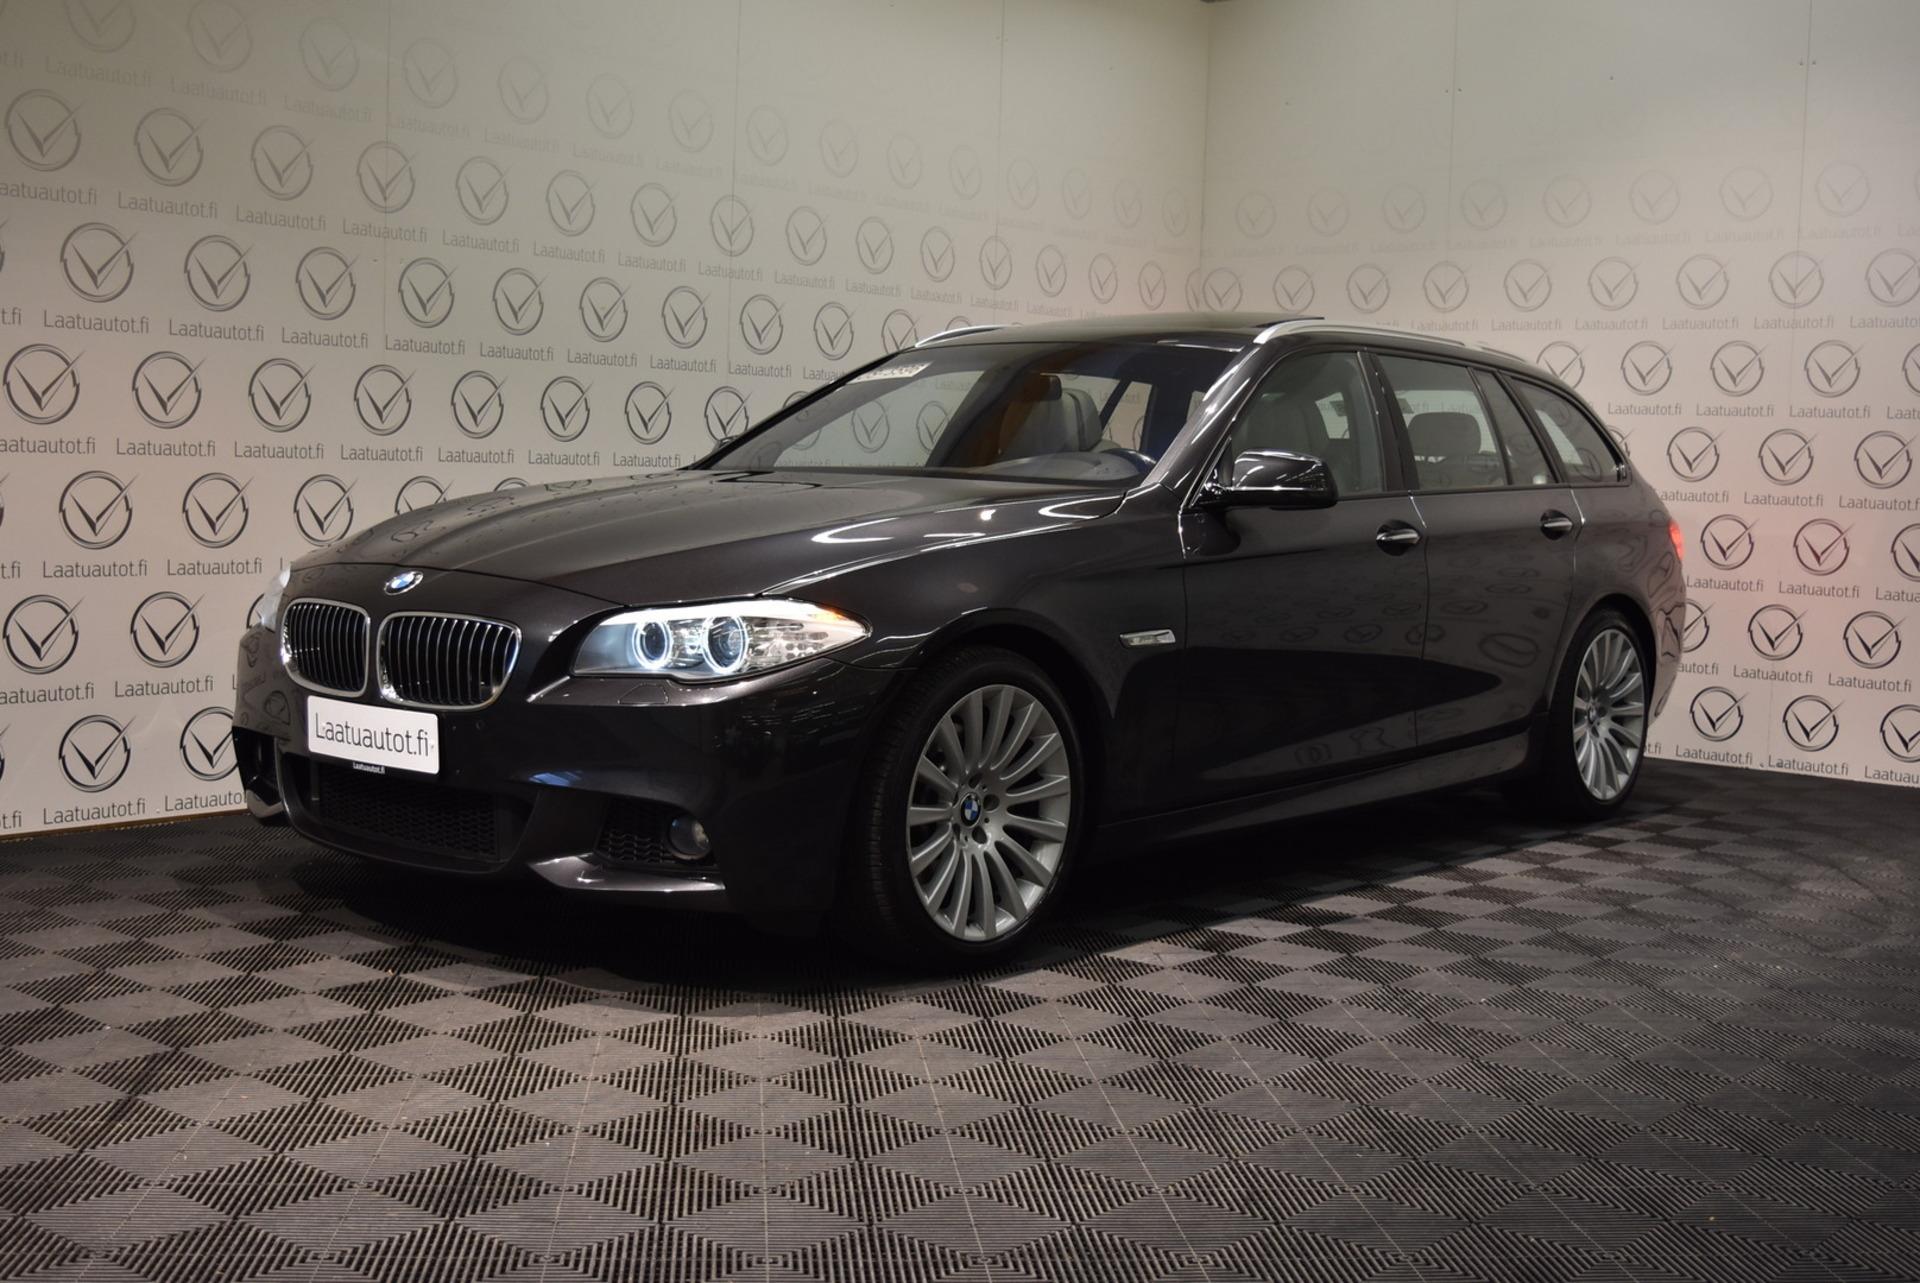 BMW 525 A F11 Touring M-Sport - Hieno yksilö 3:n litran moottorilla ja huippuvarusteilla, Comfort nahat,  Navi,  Panorama,  19